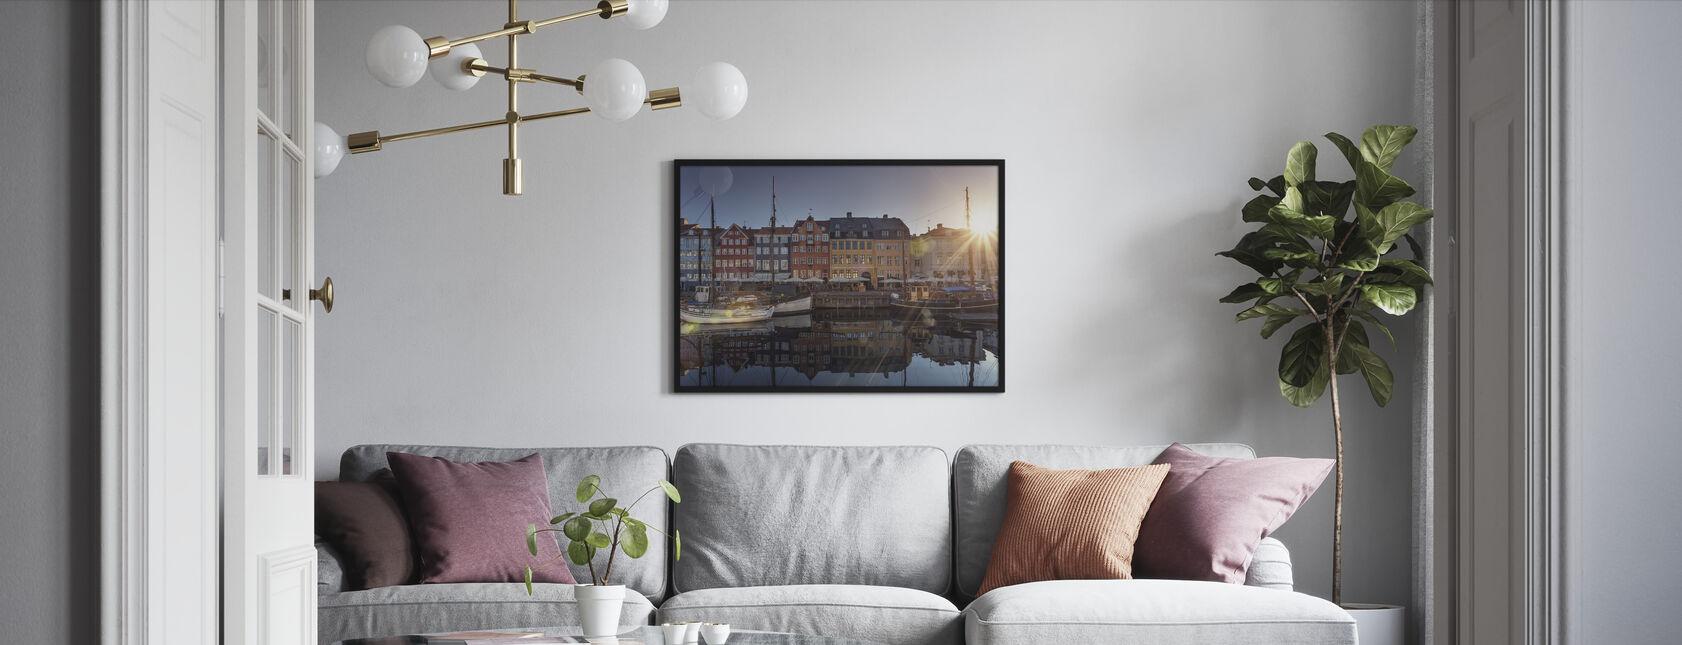 Solnedgang i Nyhavn, København, Danmark - Indrammet billede - Stue